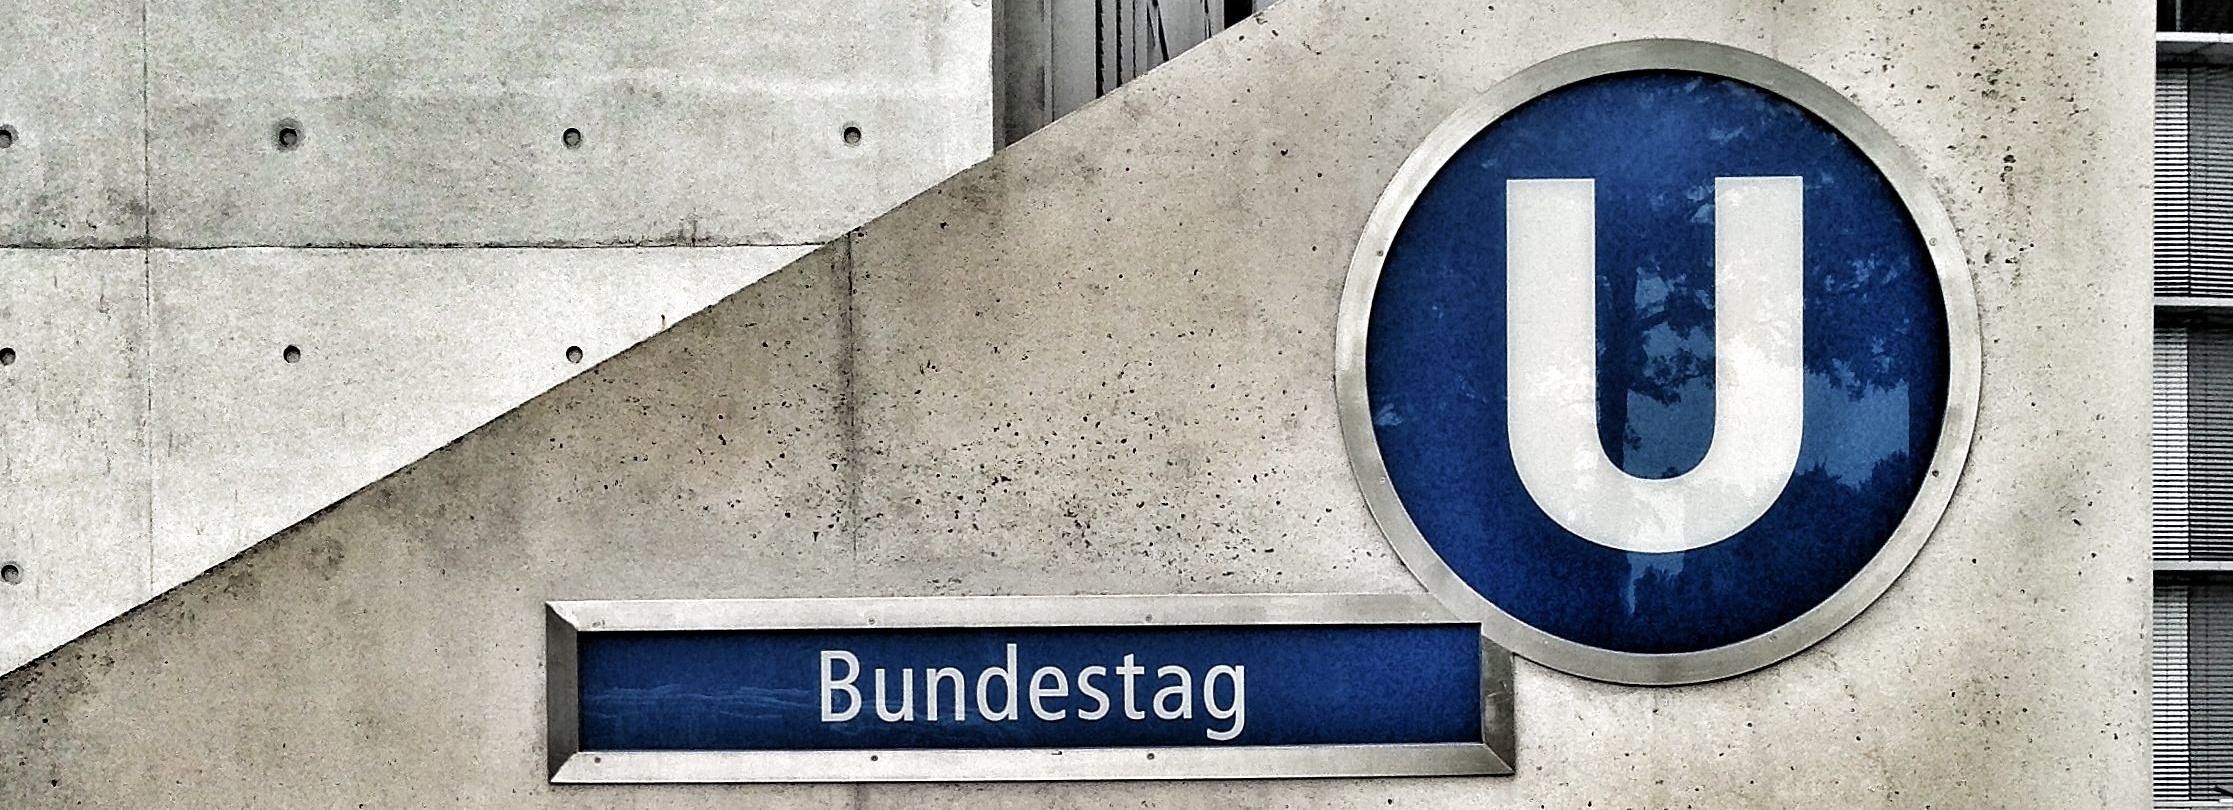 Heute im Bundestag beschlossen: Schluss mit der Ausbeutung in der Fleischindustrie!